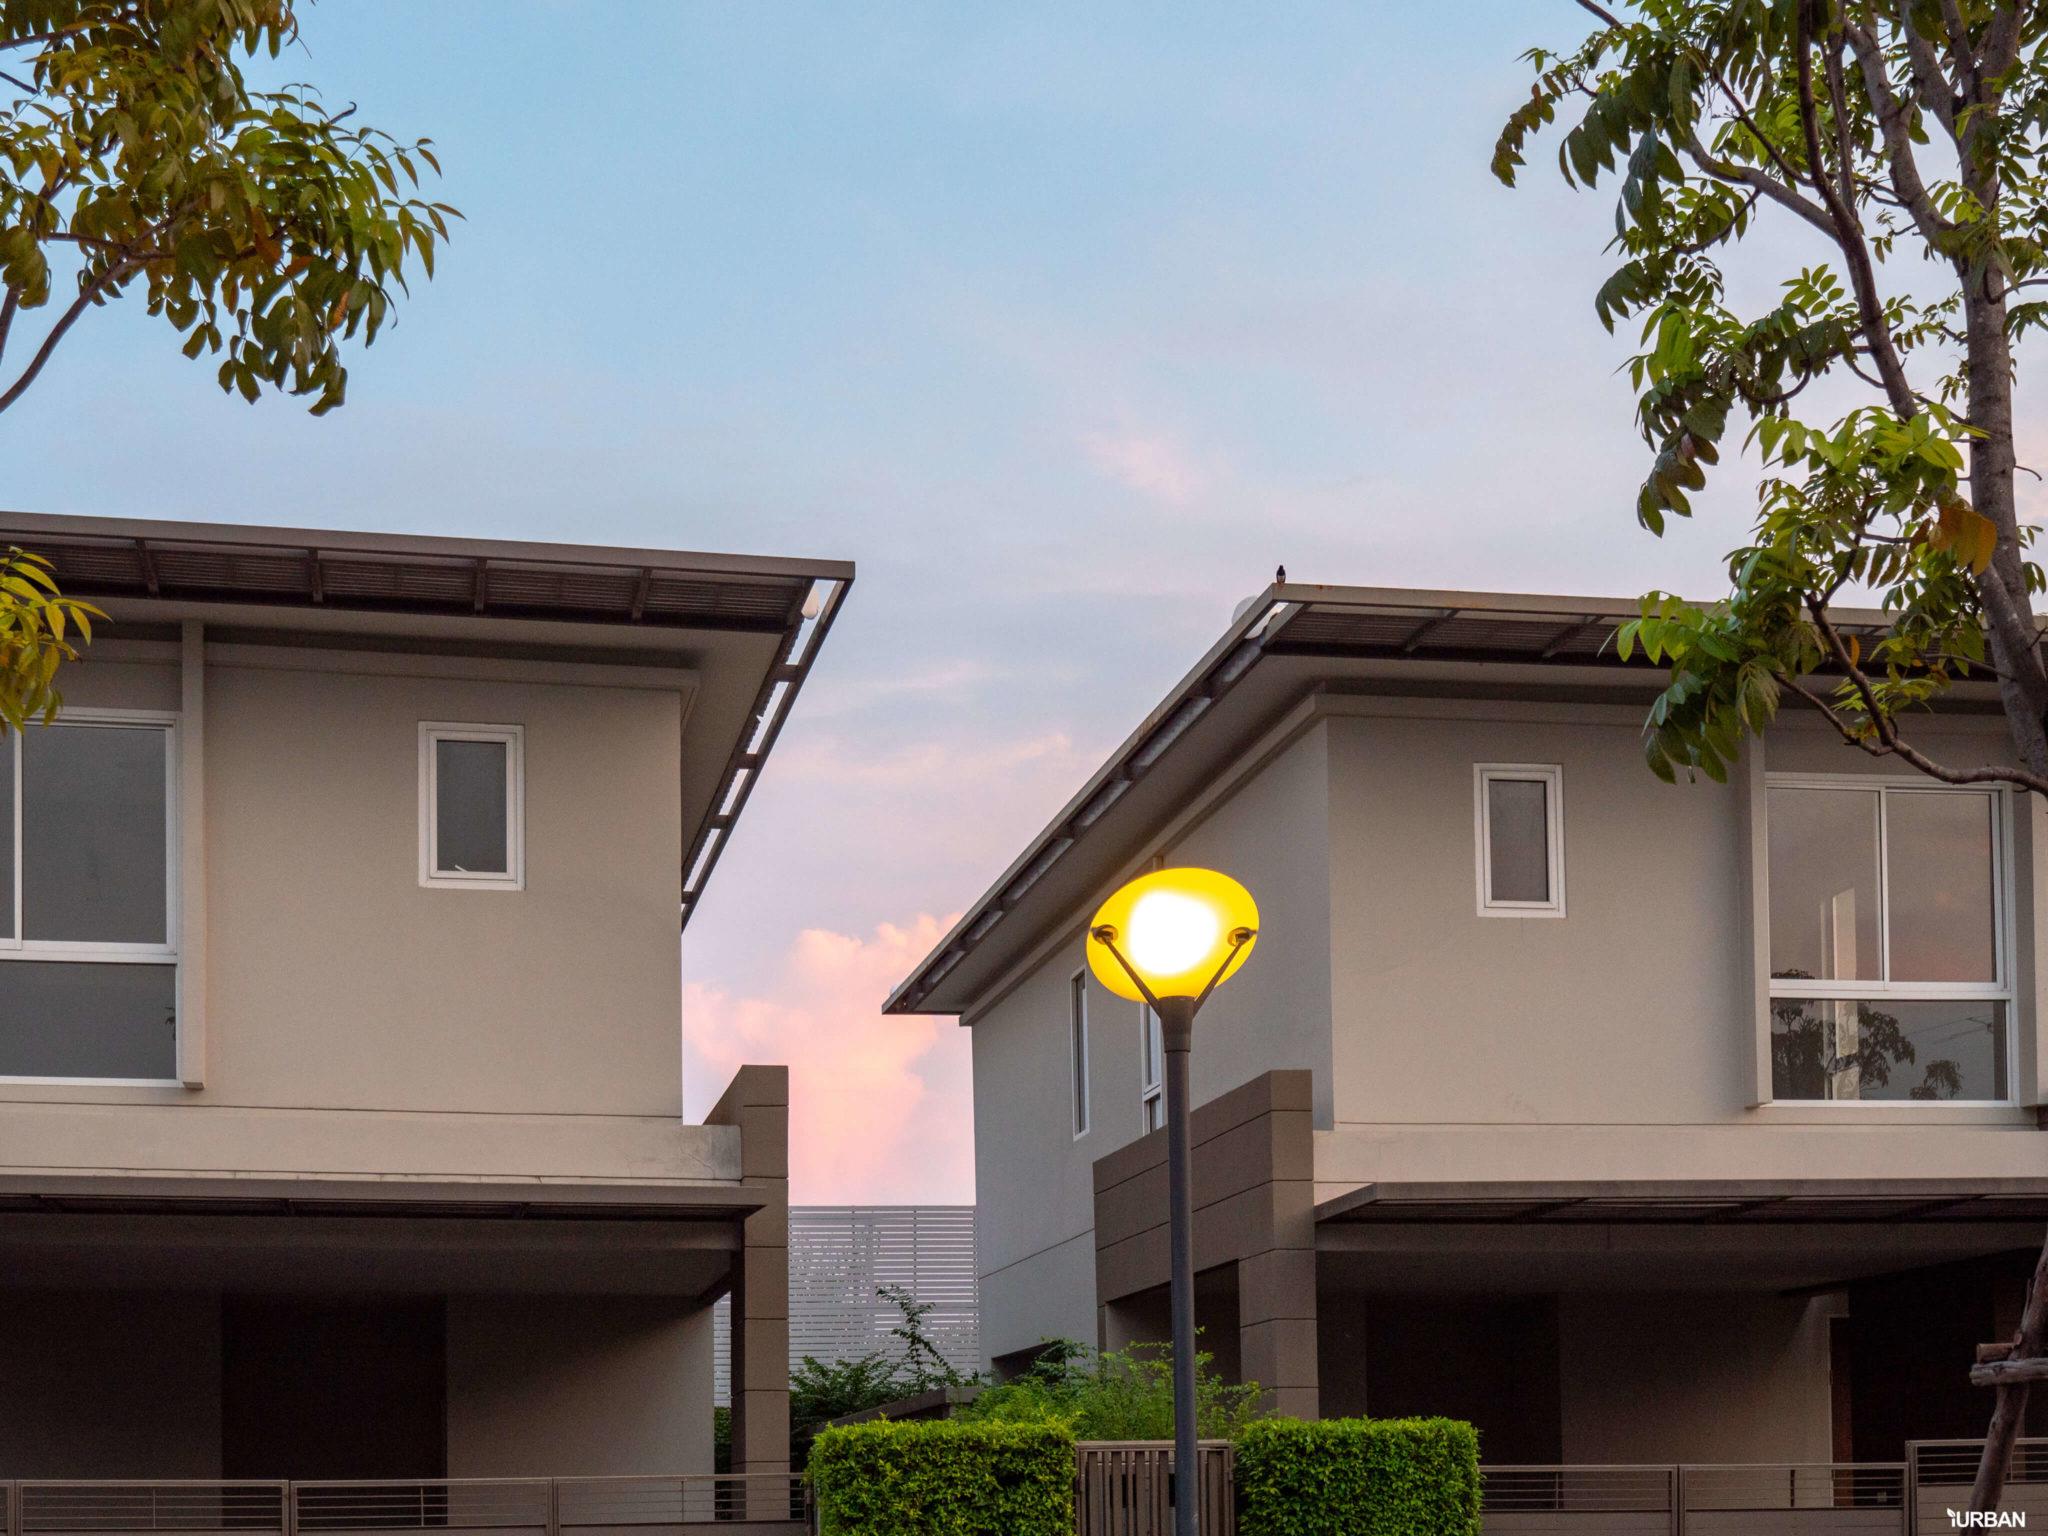 รีวิว บารานี พาร์ค ศรีนครินทร์-ร่มเกล้า บ้านสไตล์ Courtyard House ของไทยที่ได้รางวัลสถาปัตยกรรม 32 - Baranee Park